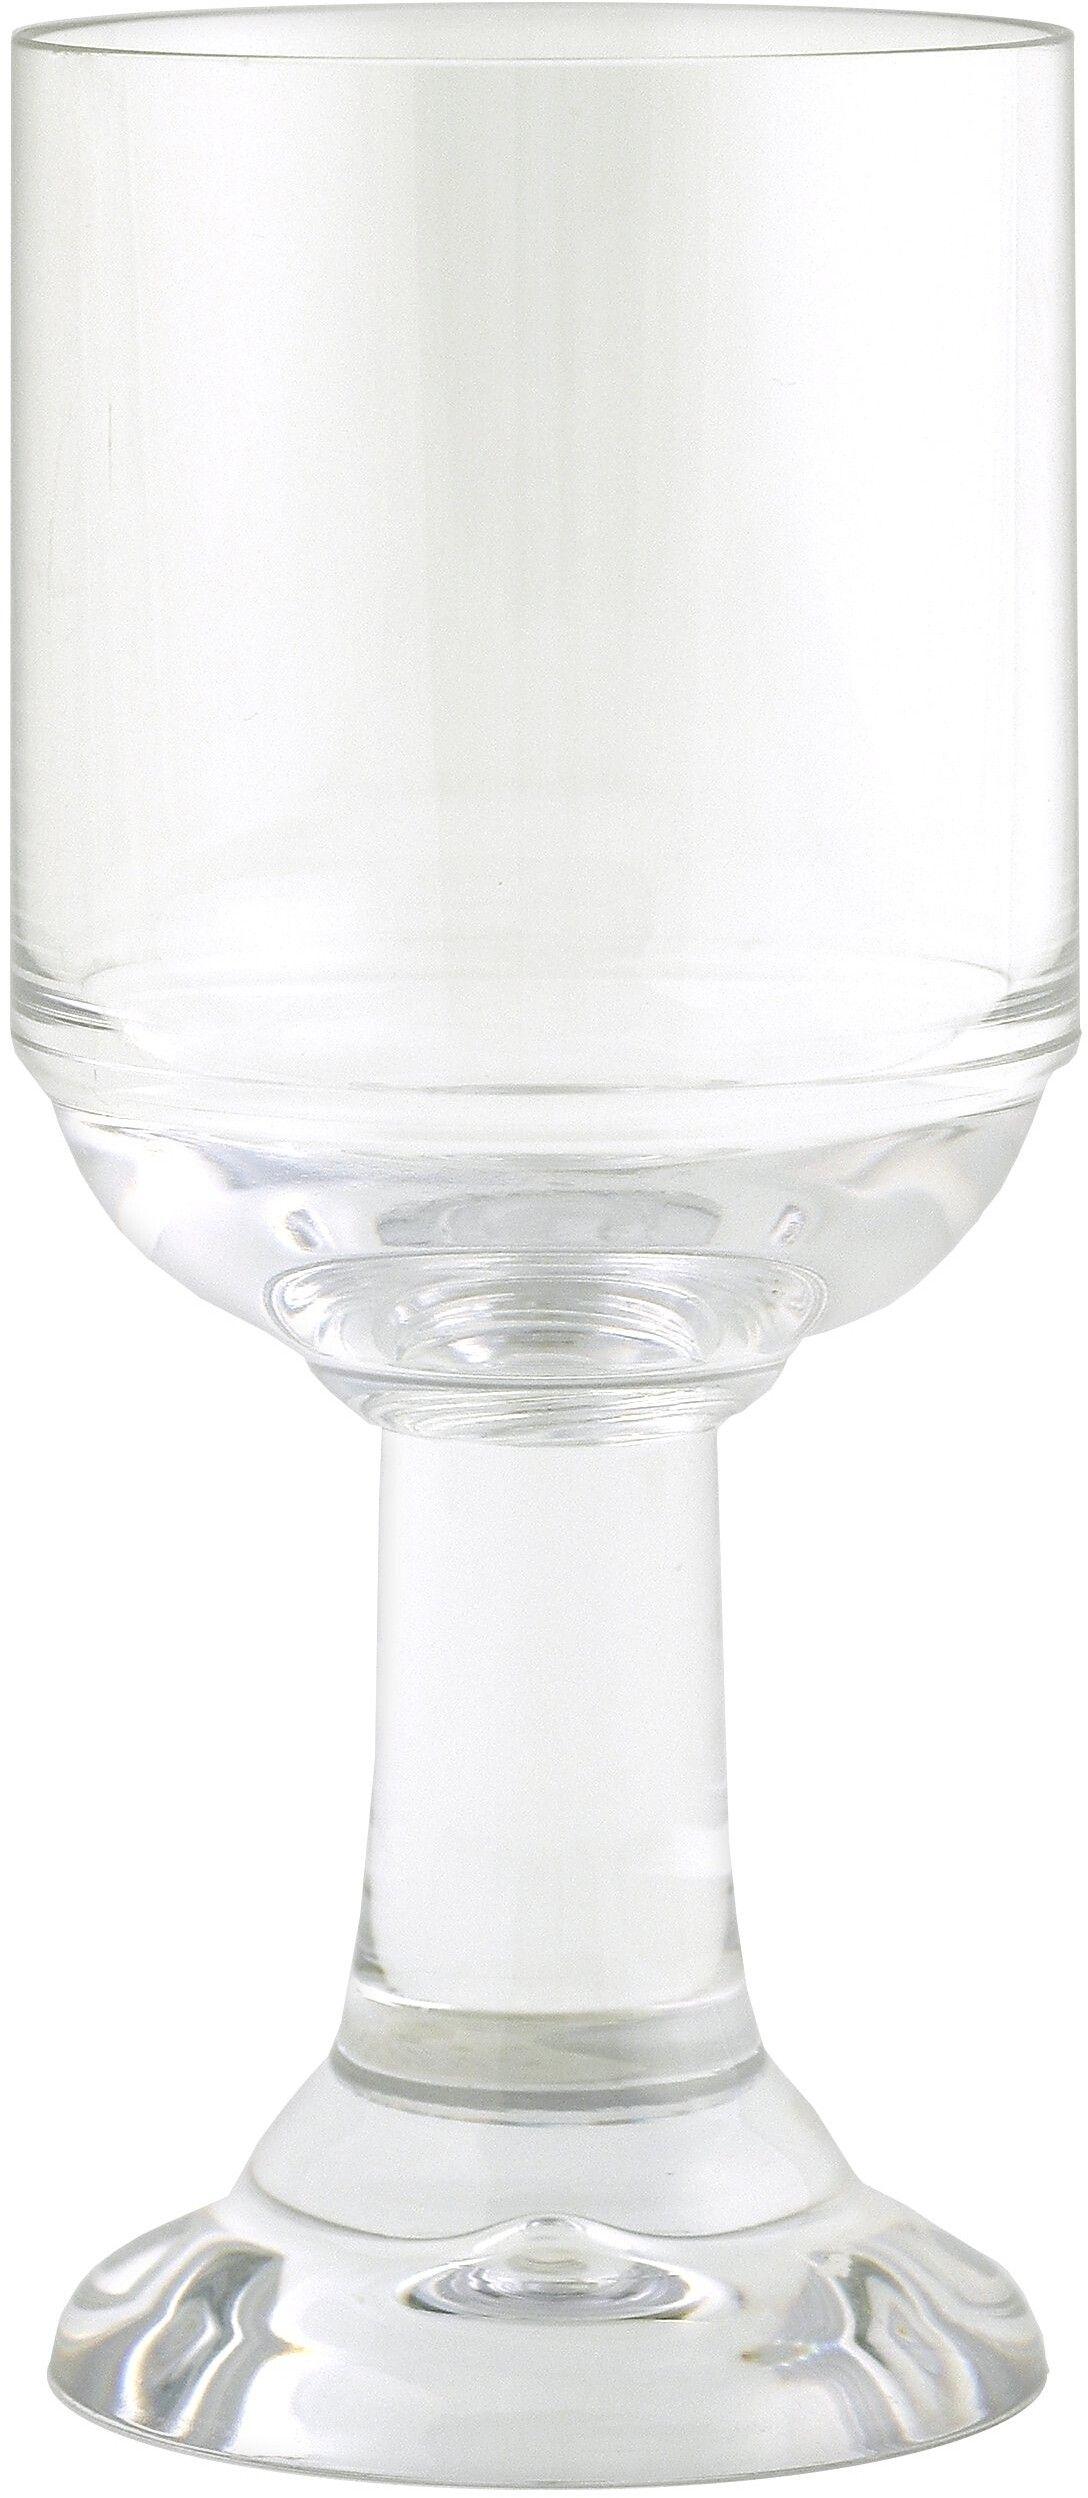 Strahl Da Vinci Clear Goblet, 10 Ounce Goblet